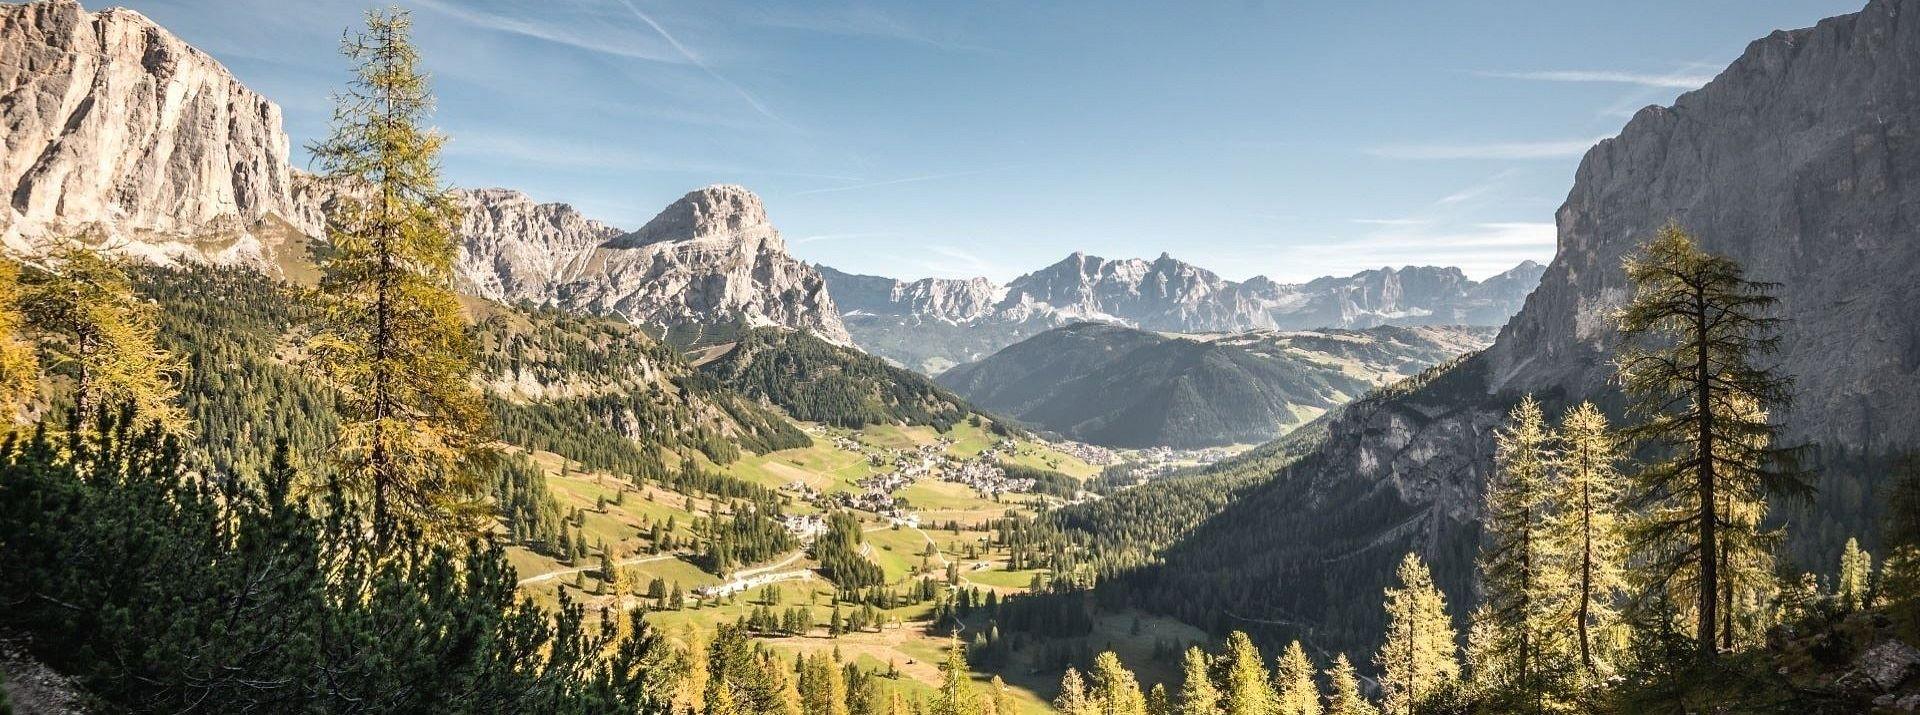 Immagini live dalle webcam dell\'Alta Badia.